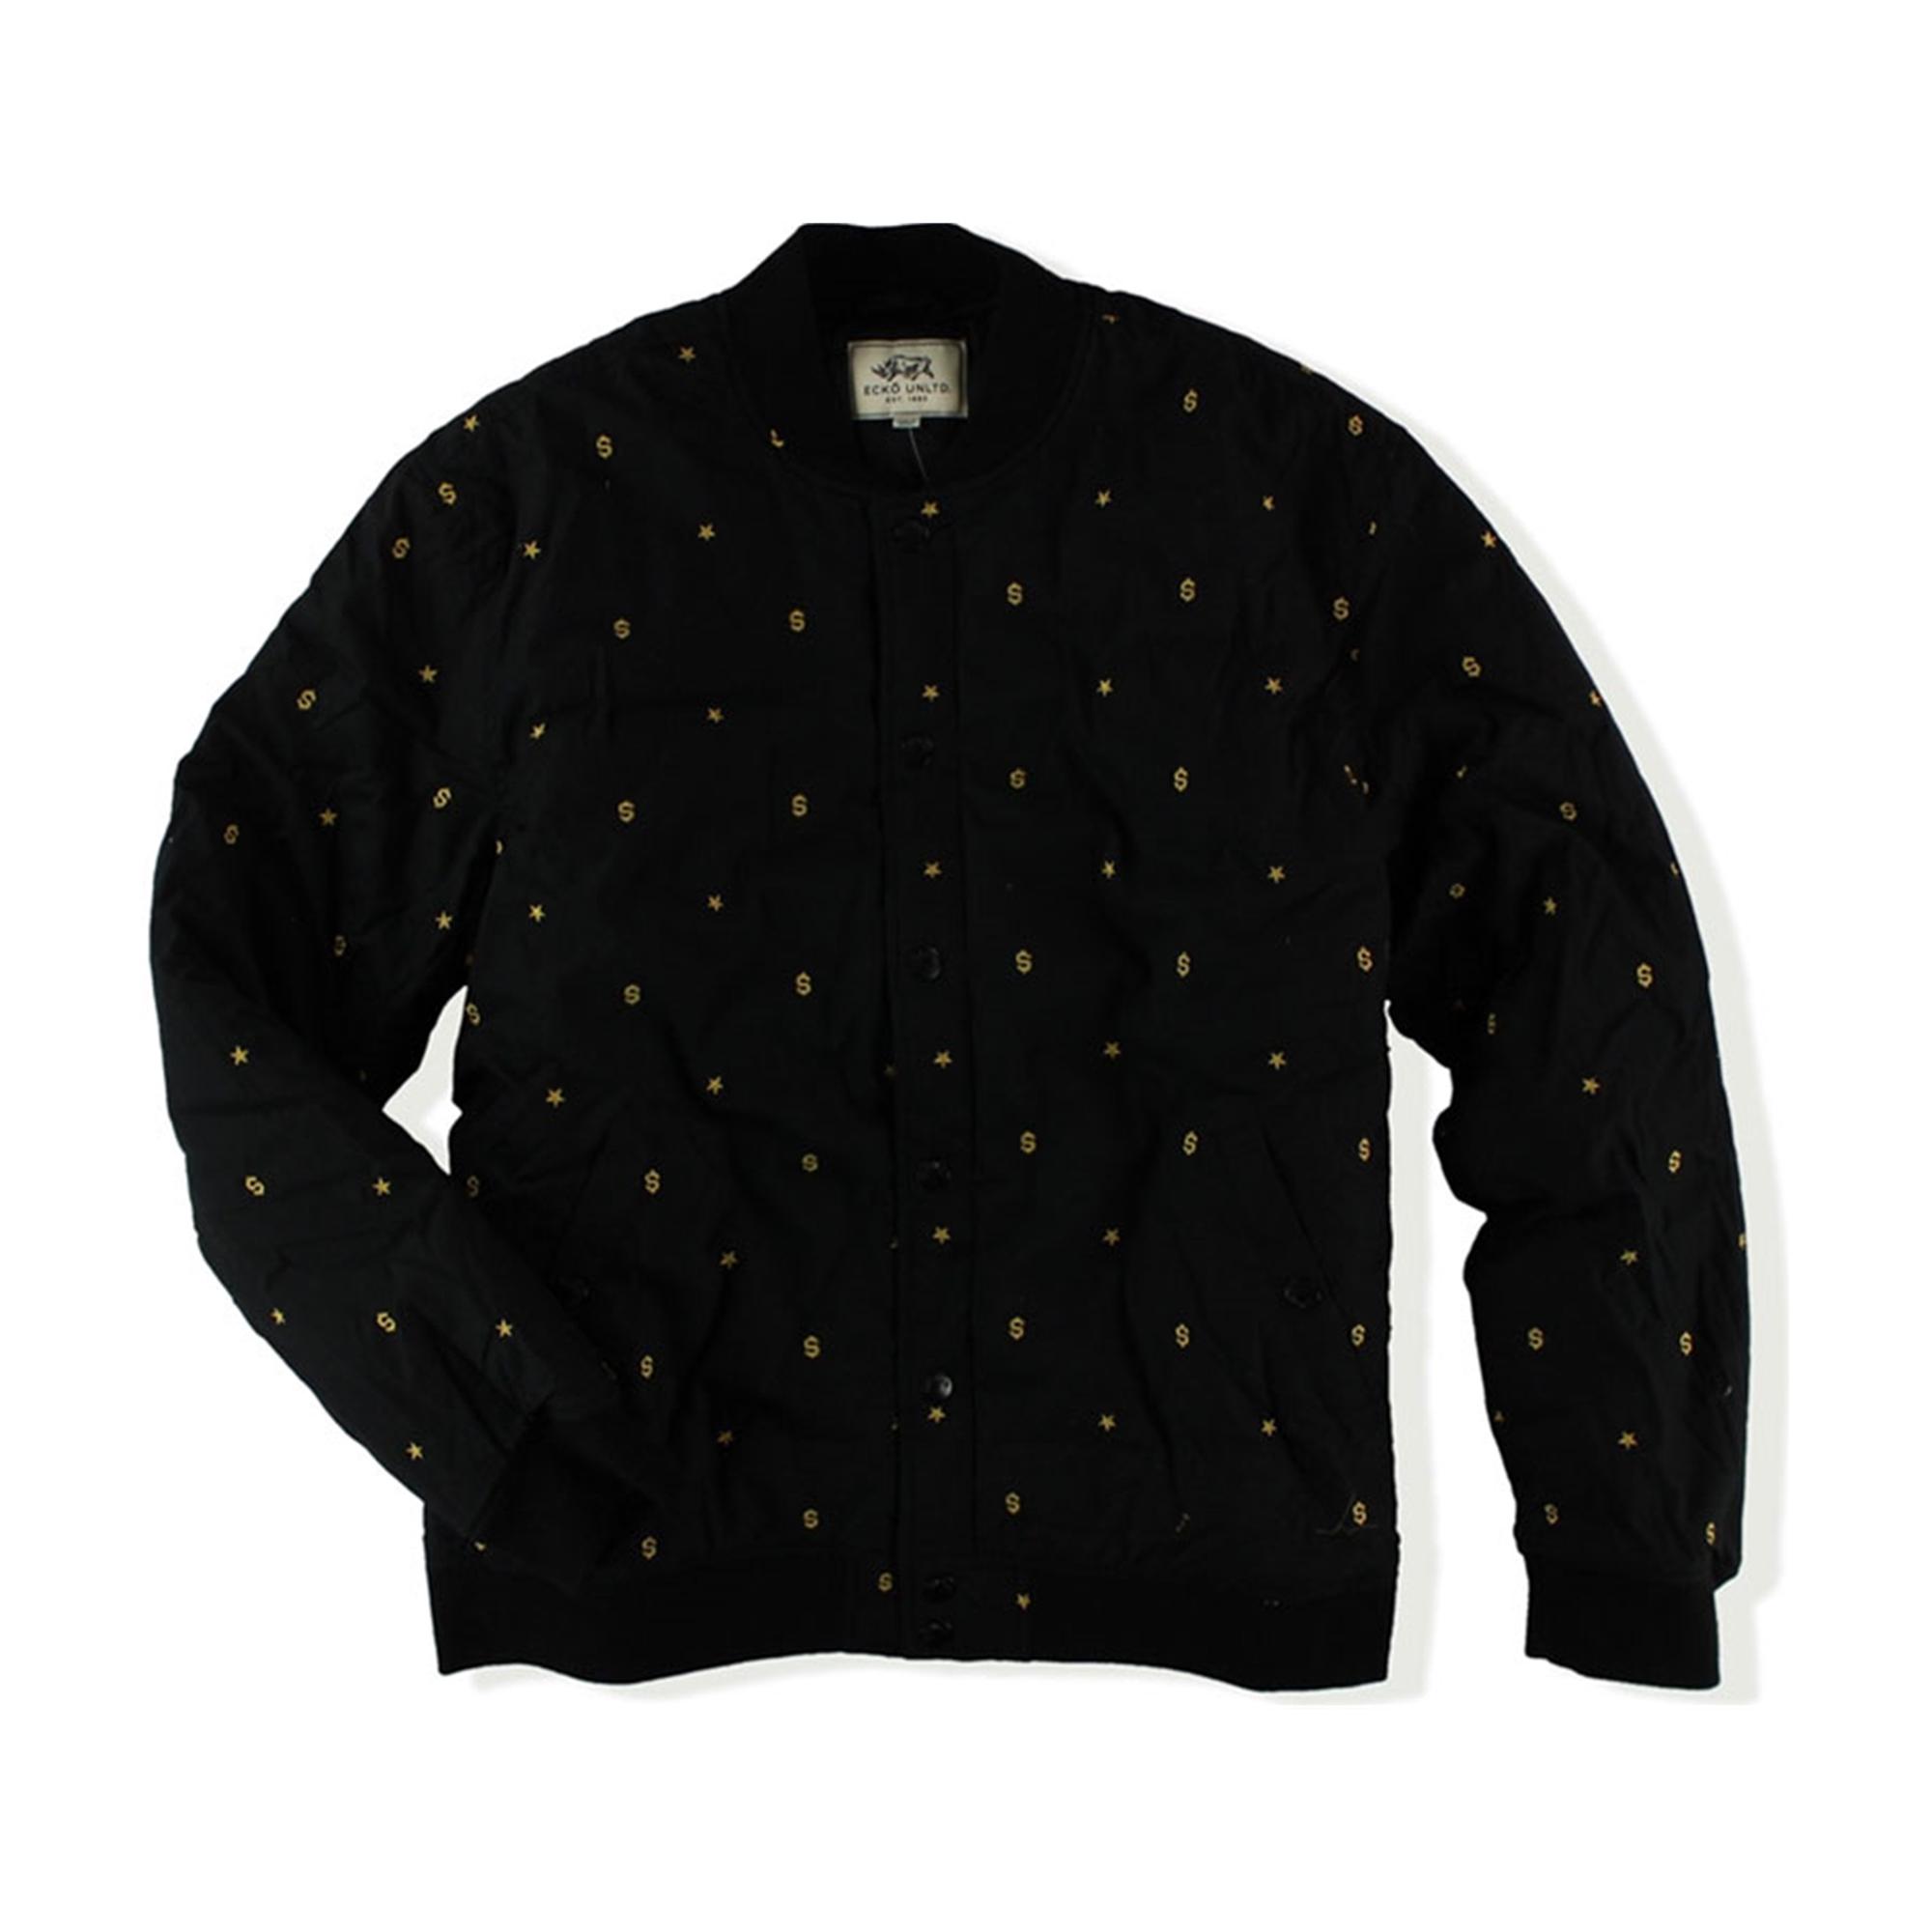 Ecko Unltd. Mens New World Order Jkt Varsity Jacket